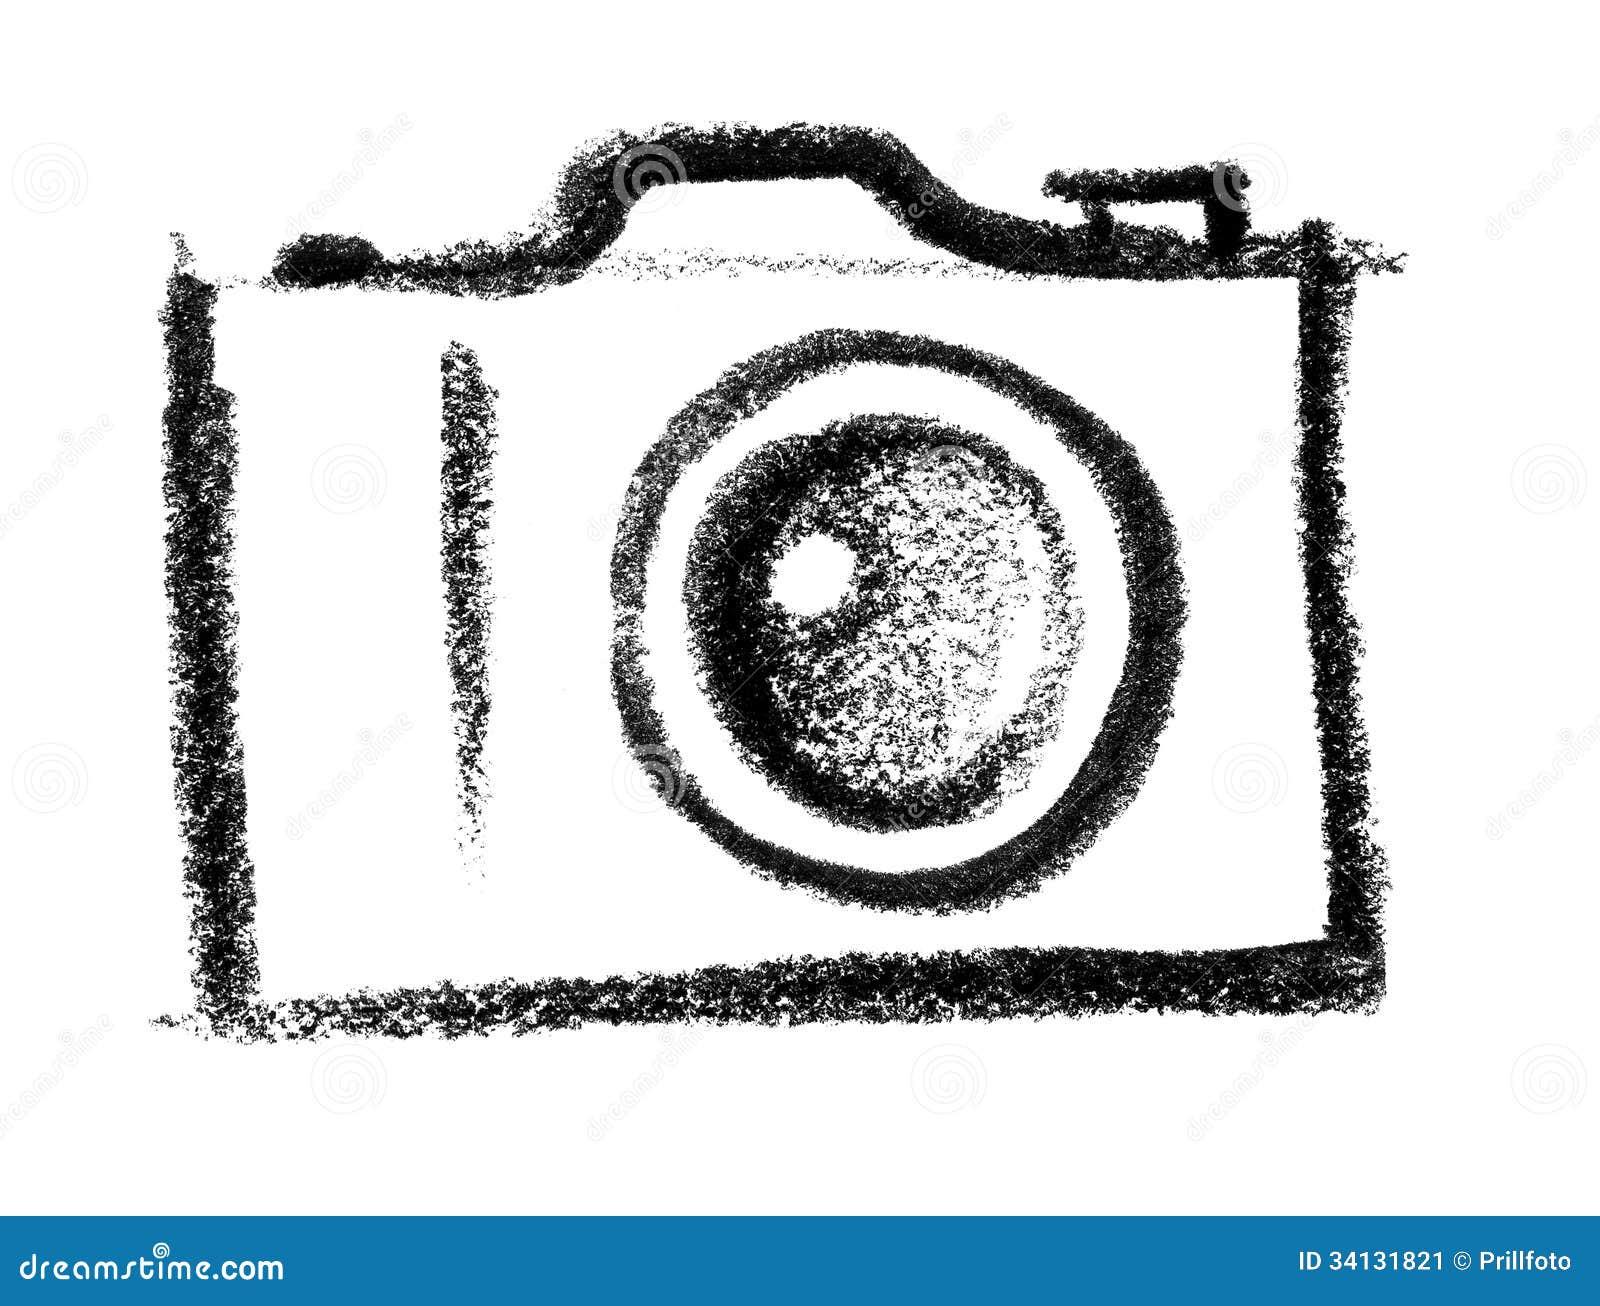 Dingbat Stock-Fotos - Melden Sie sich kostenlos an